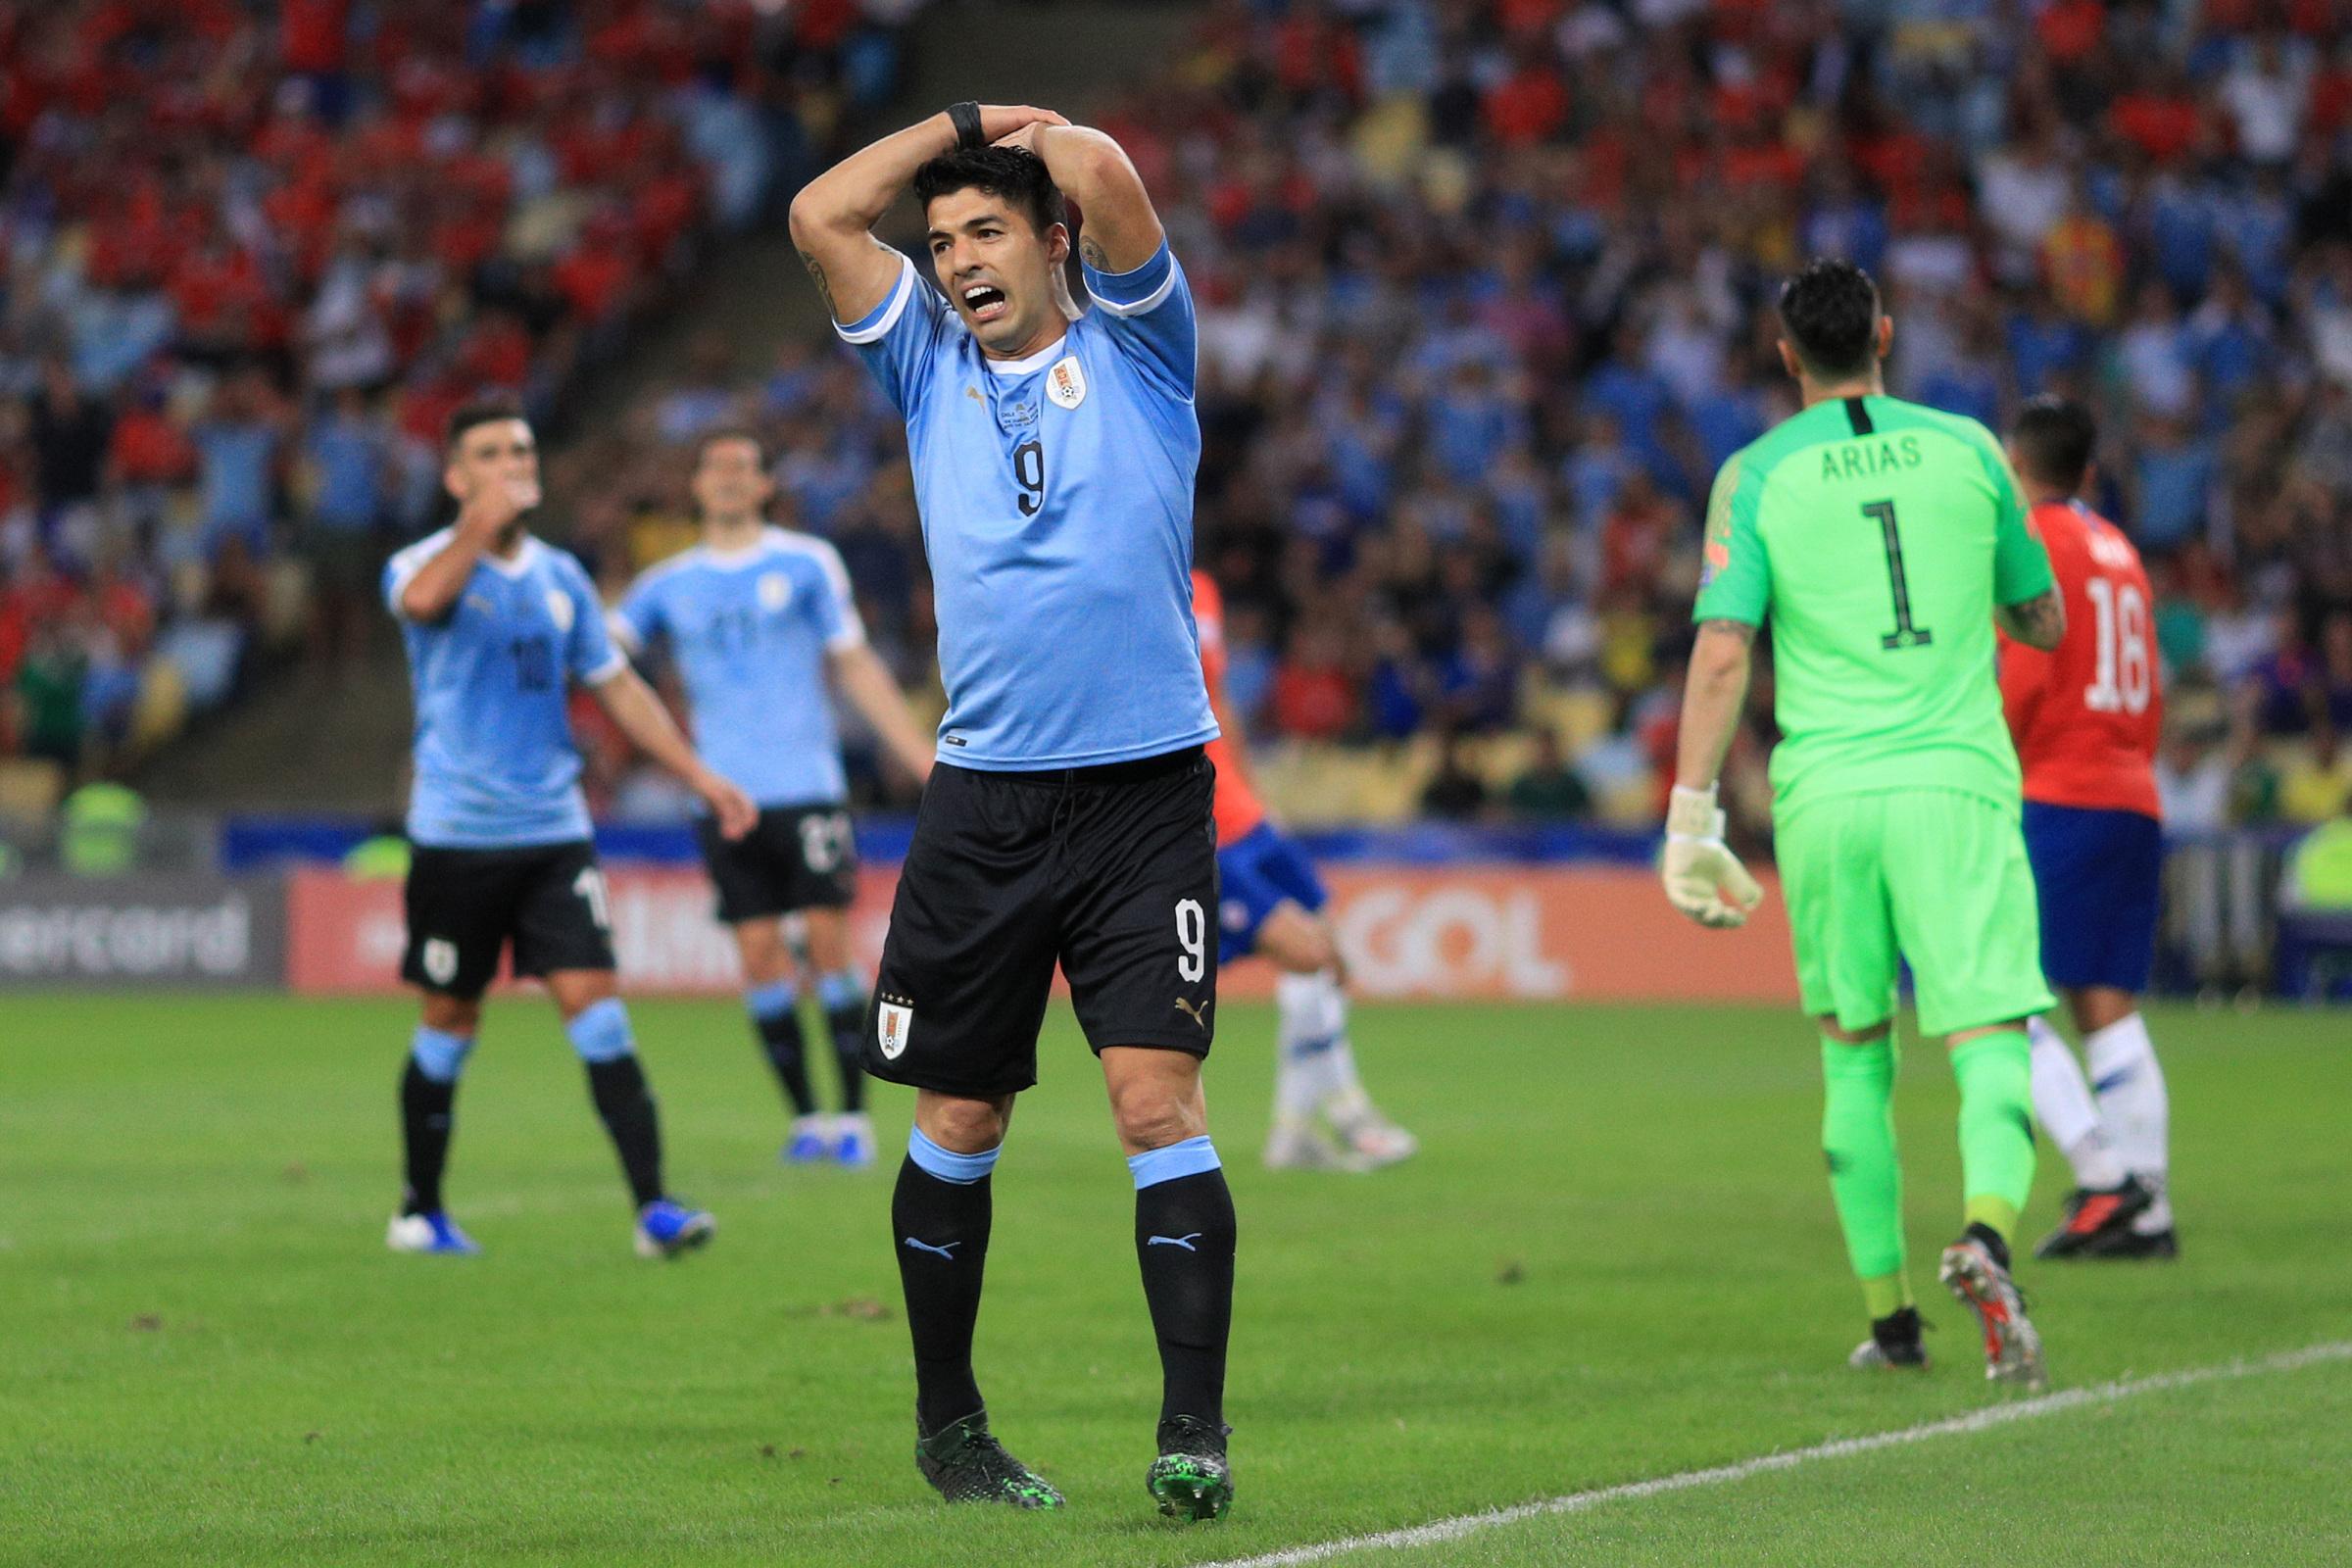 d6b643534 Bramkarz dotknął piłki ręką, Luis Suarez domagał się karnego | Eurosport w  TVN24 - Piłka nożna - TVN24